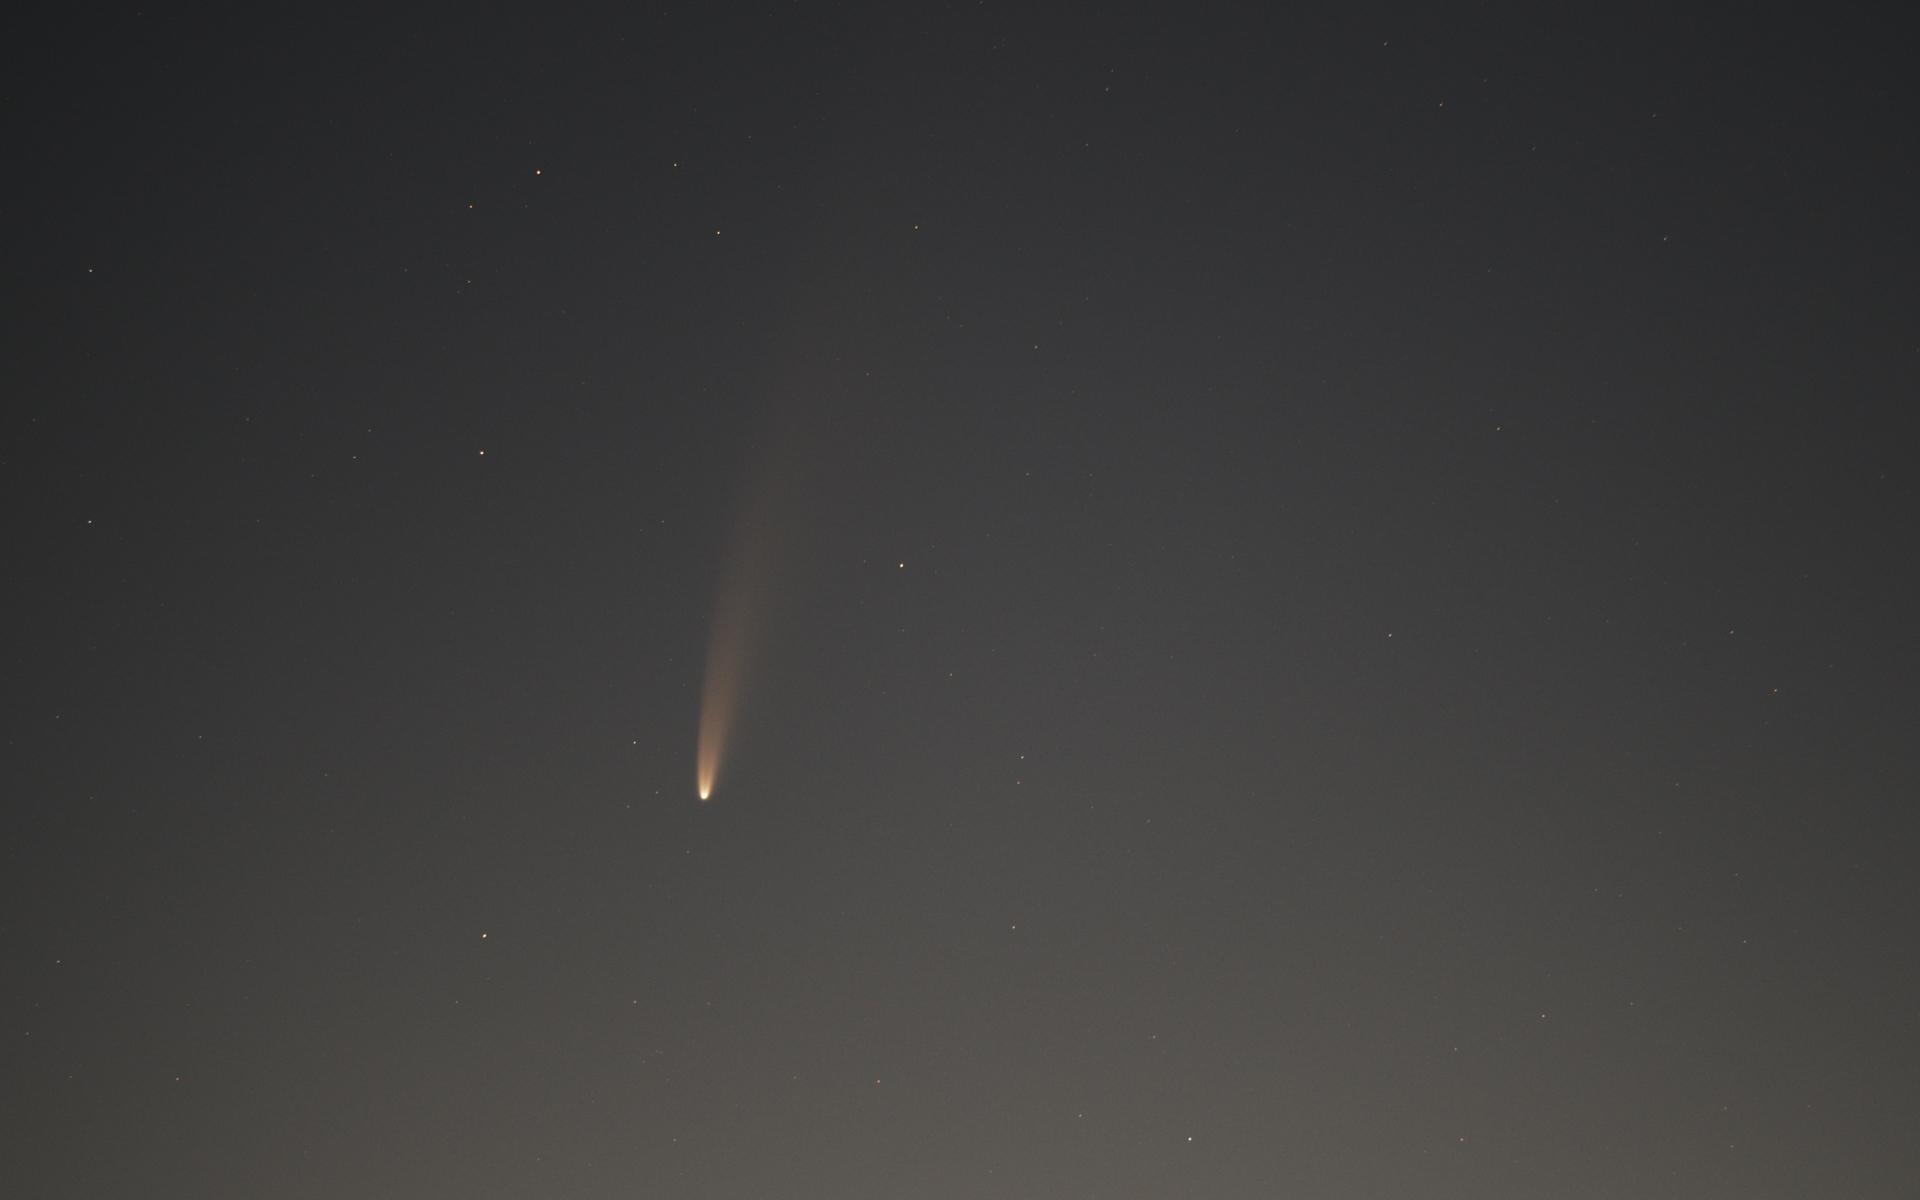 Komet_100mm.jpg